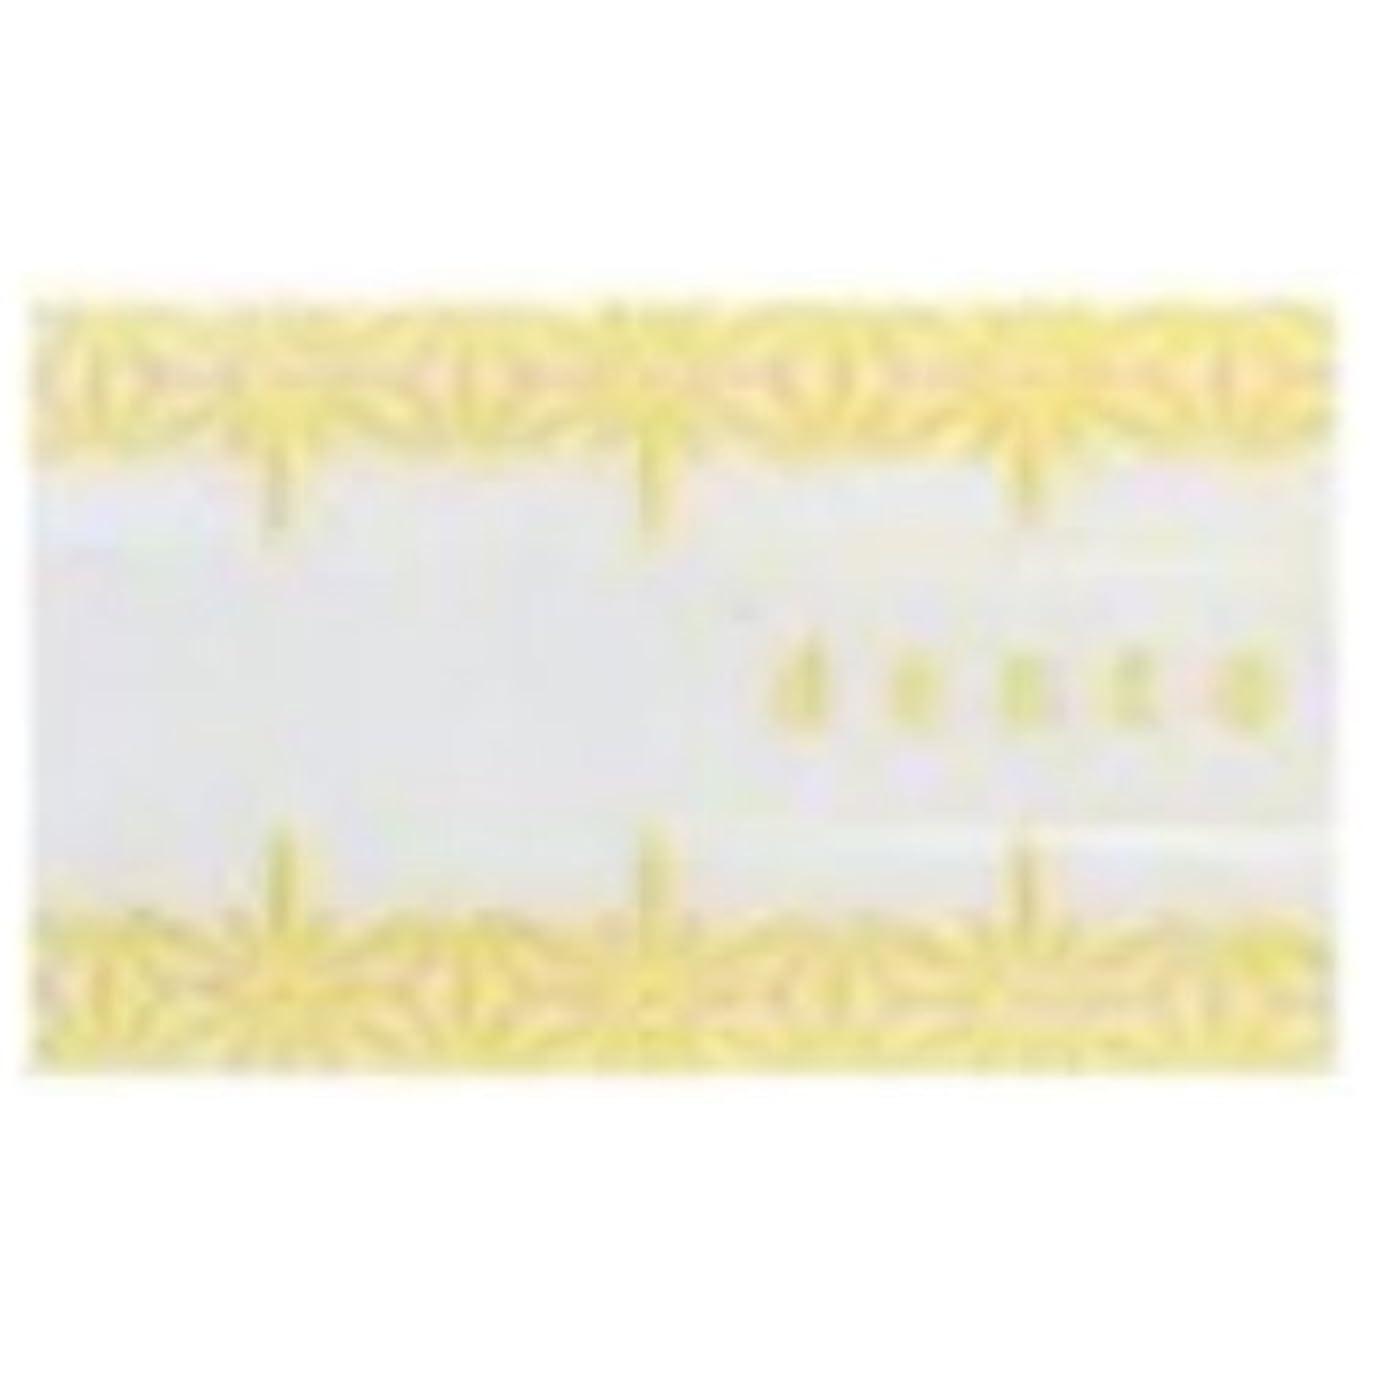 シャベル上昇電化する薫寿堂 紙のお香 美香 檀の香り 30枚入